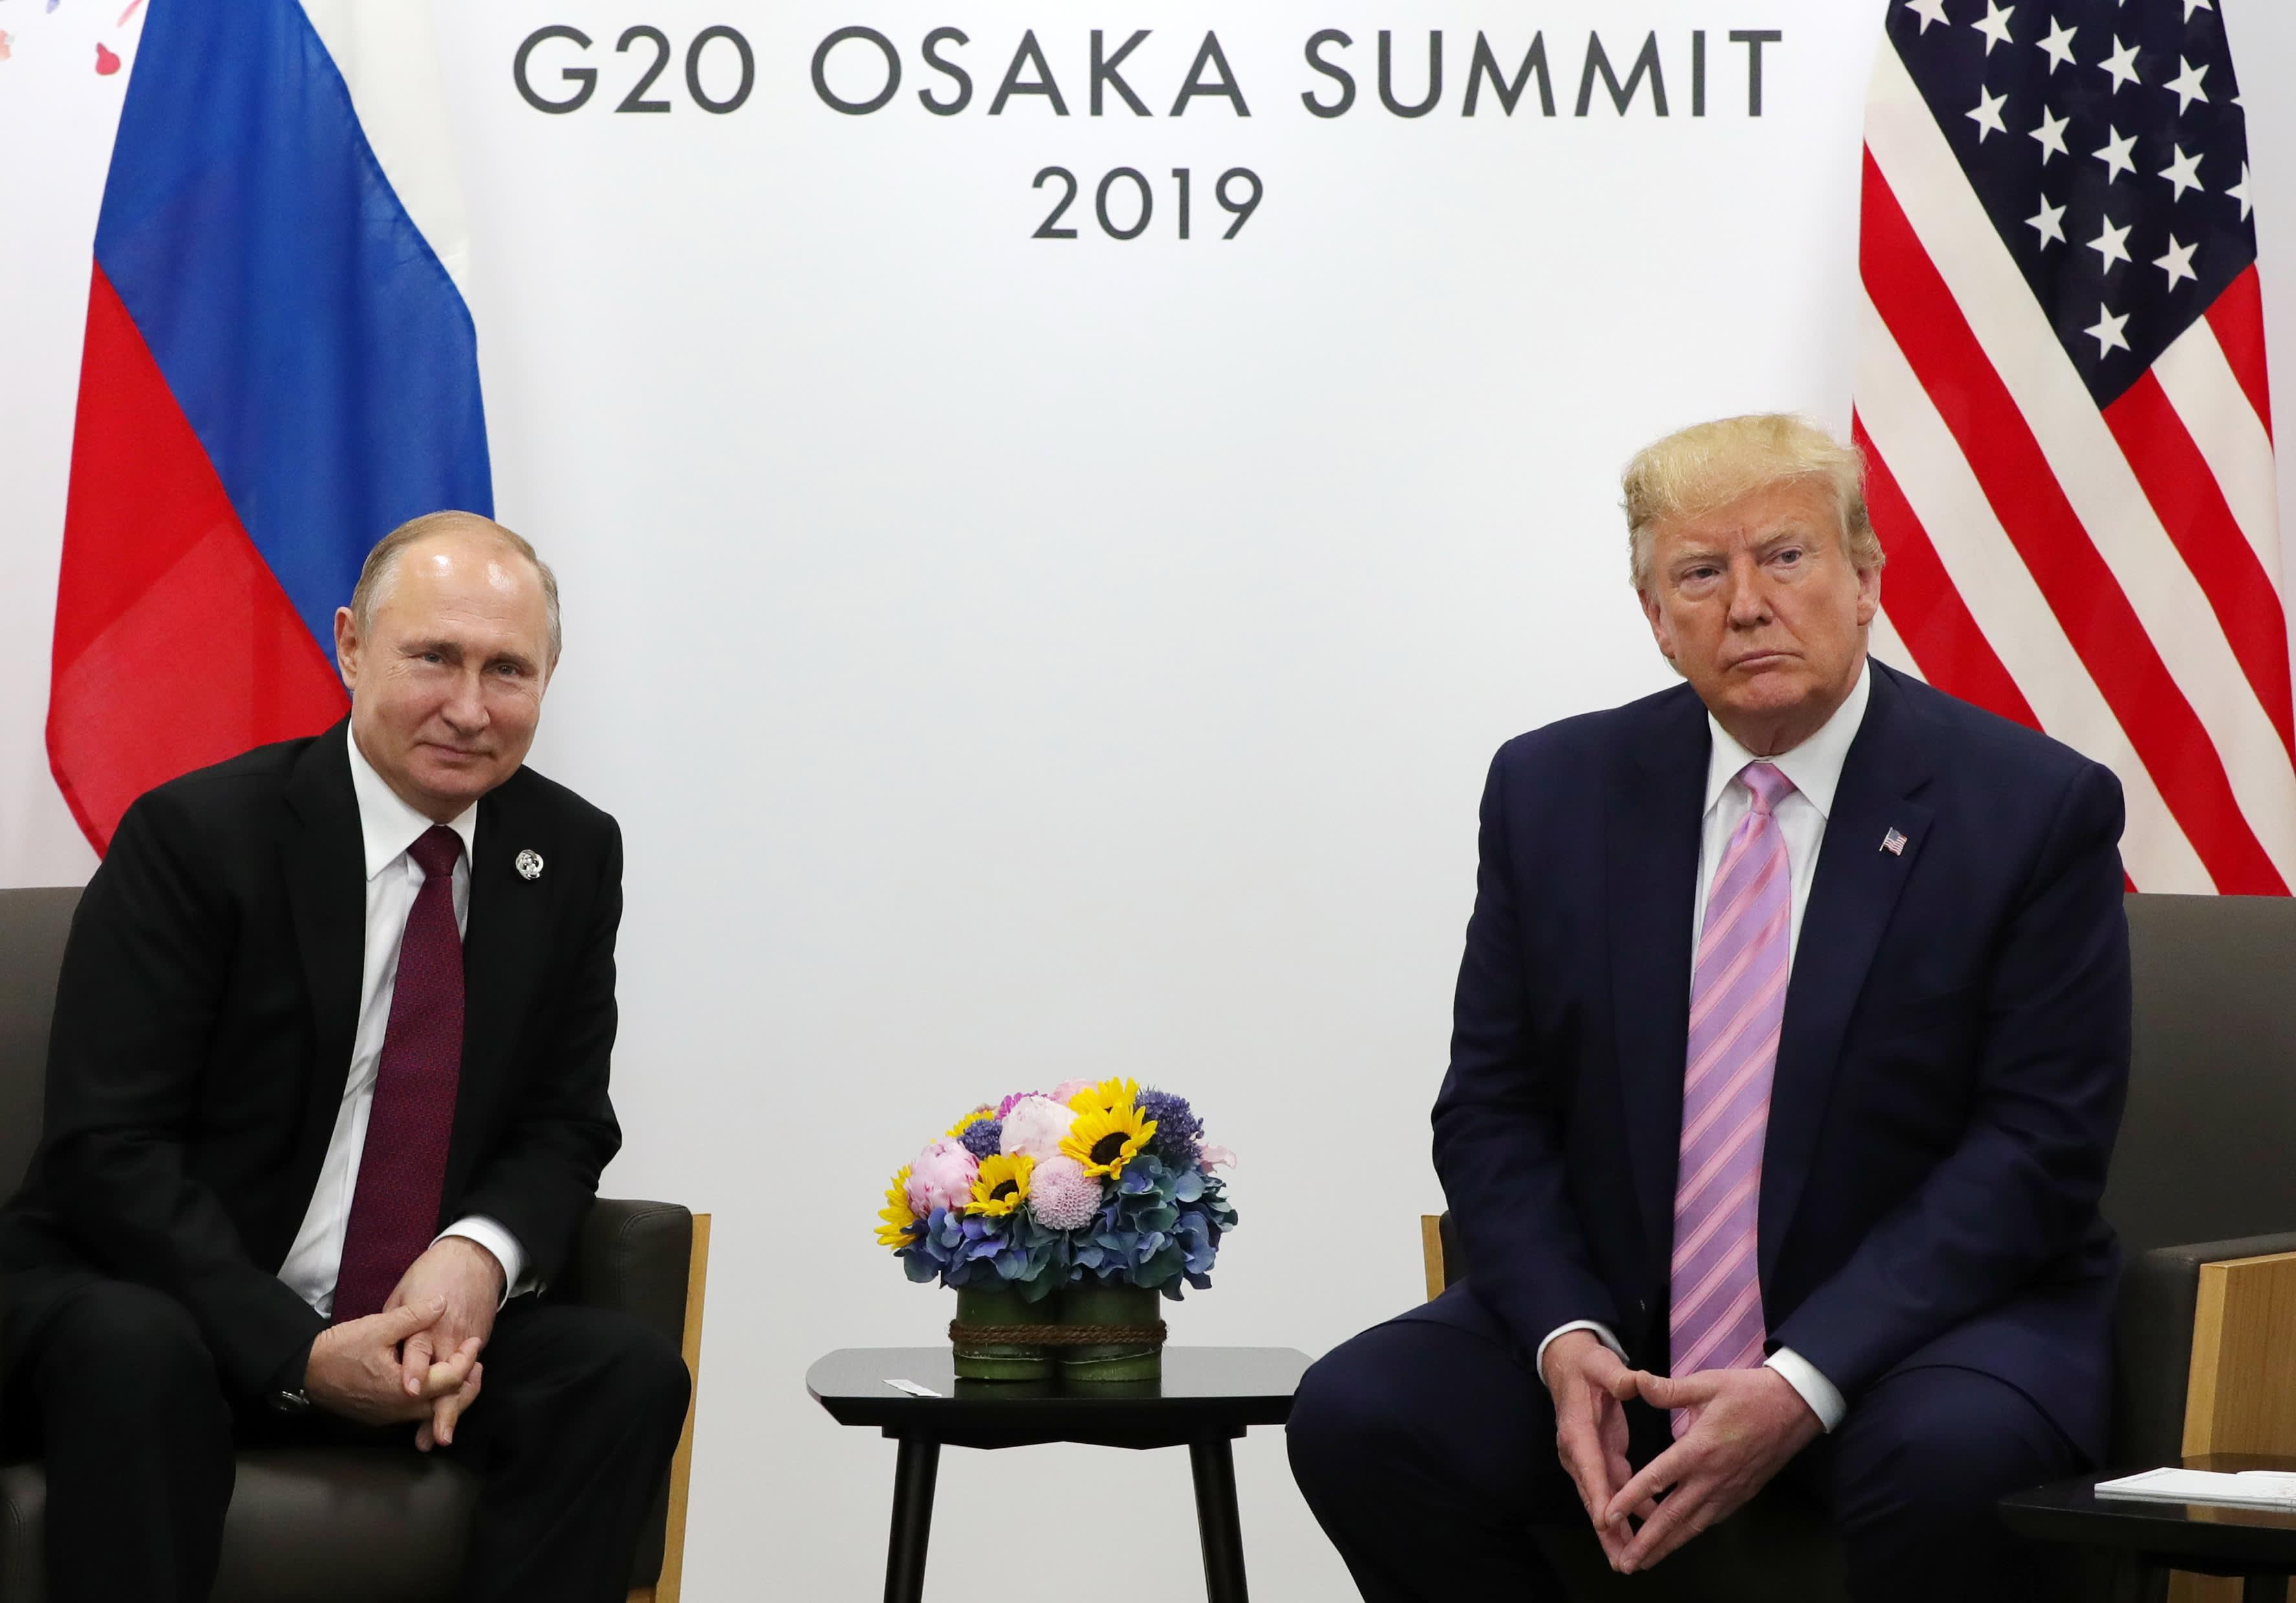 Venäjän presidentti Vladimir Putin ja Yhdysvaltojen presidentti Donald Trump tapasivat G20-kokouksen ohella 28. kesäkuuta.